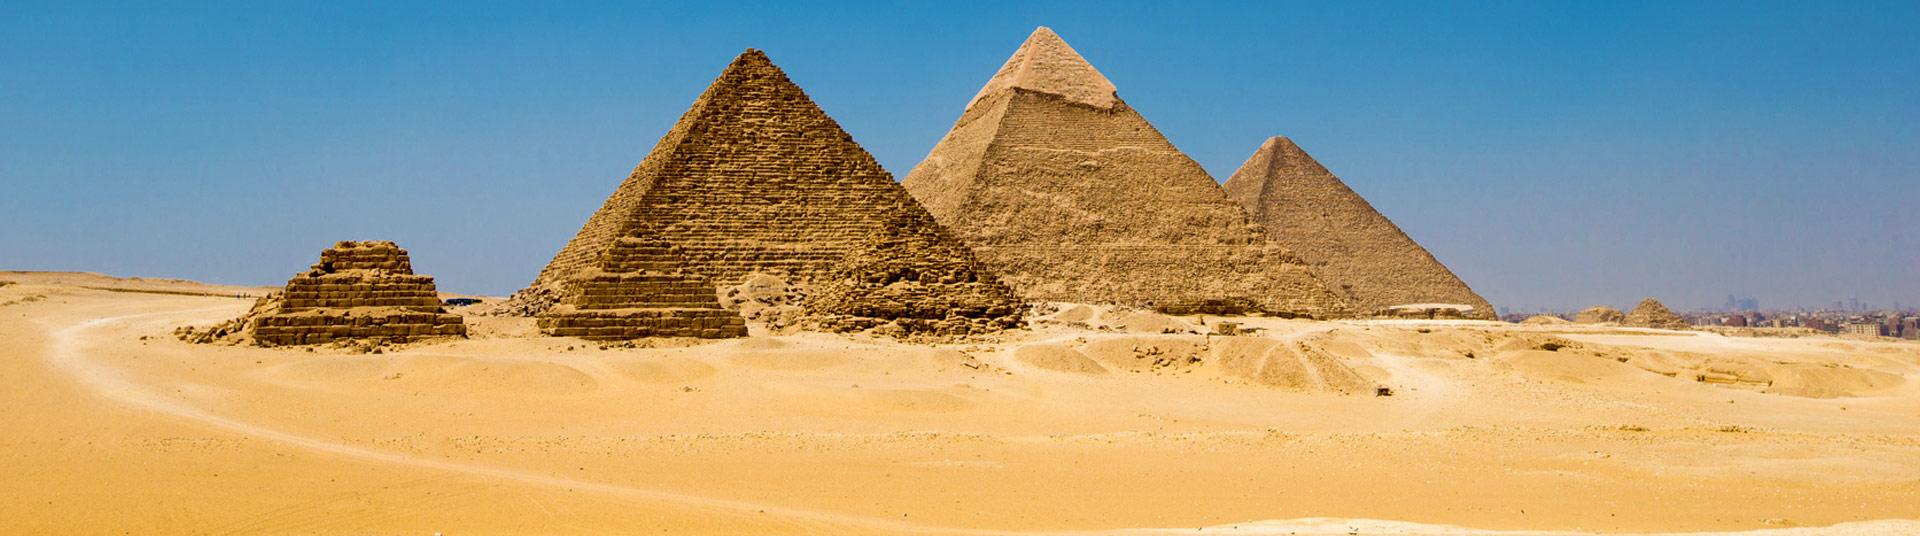 Célèbre Vol Égypte - Billet avion Égypte pas cher avec BDV.fr DG02